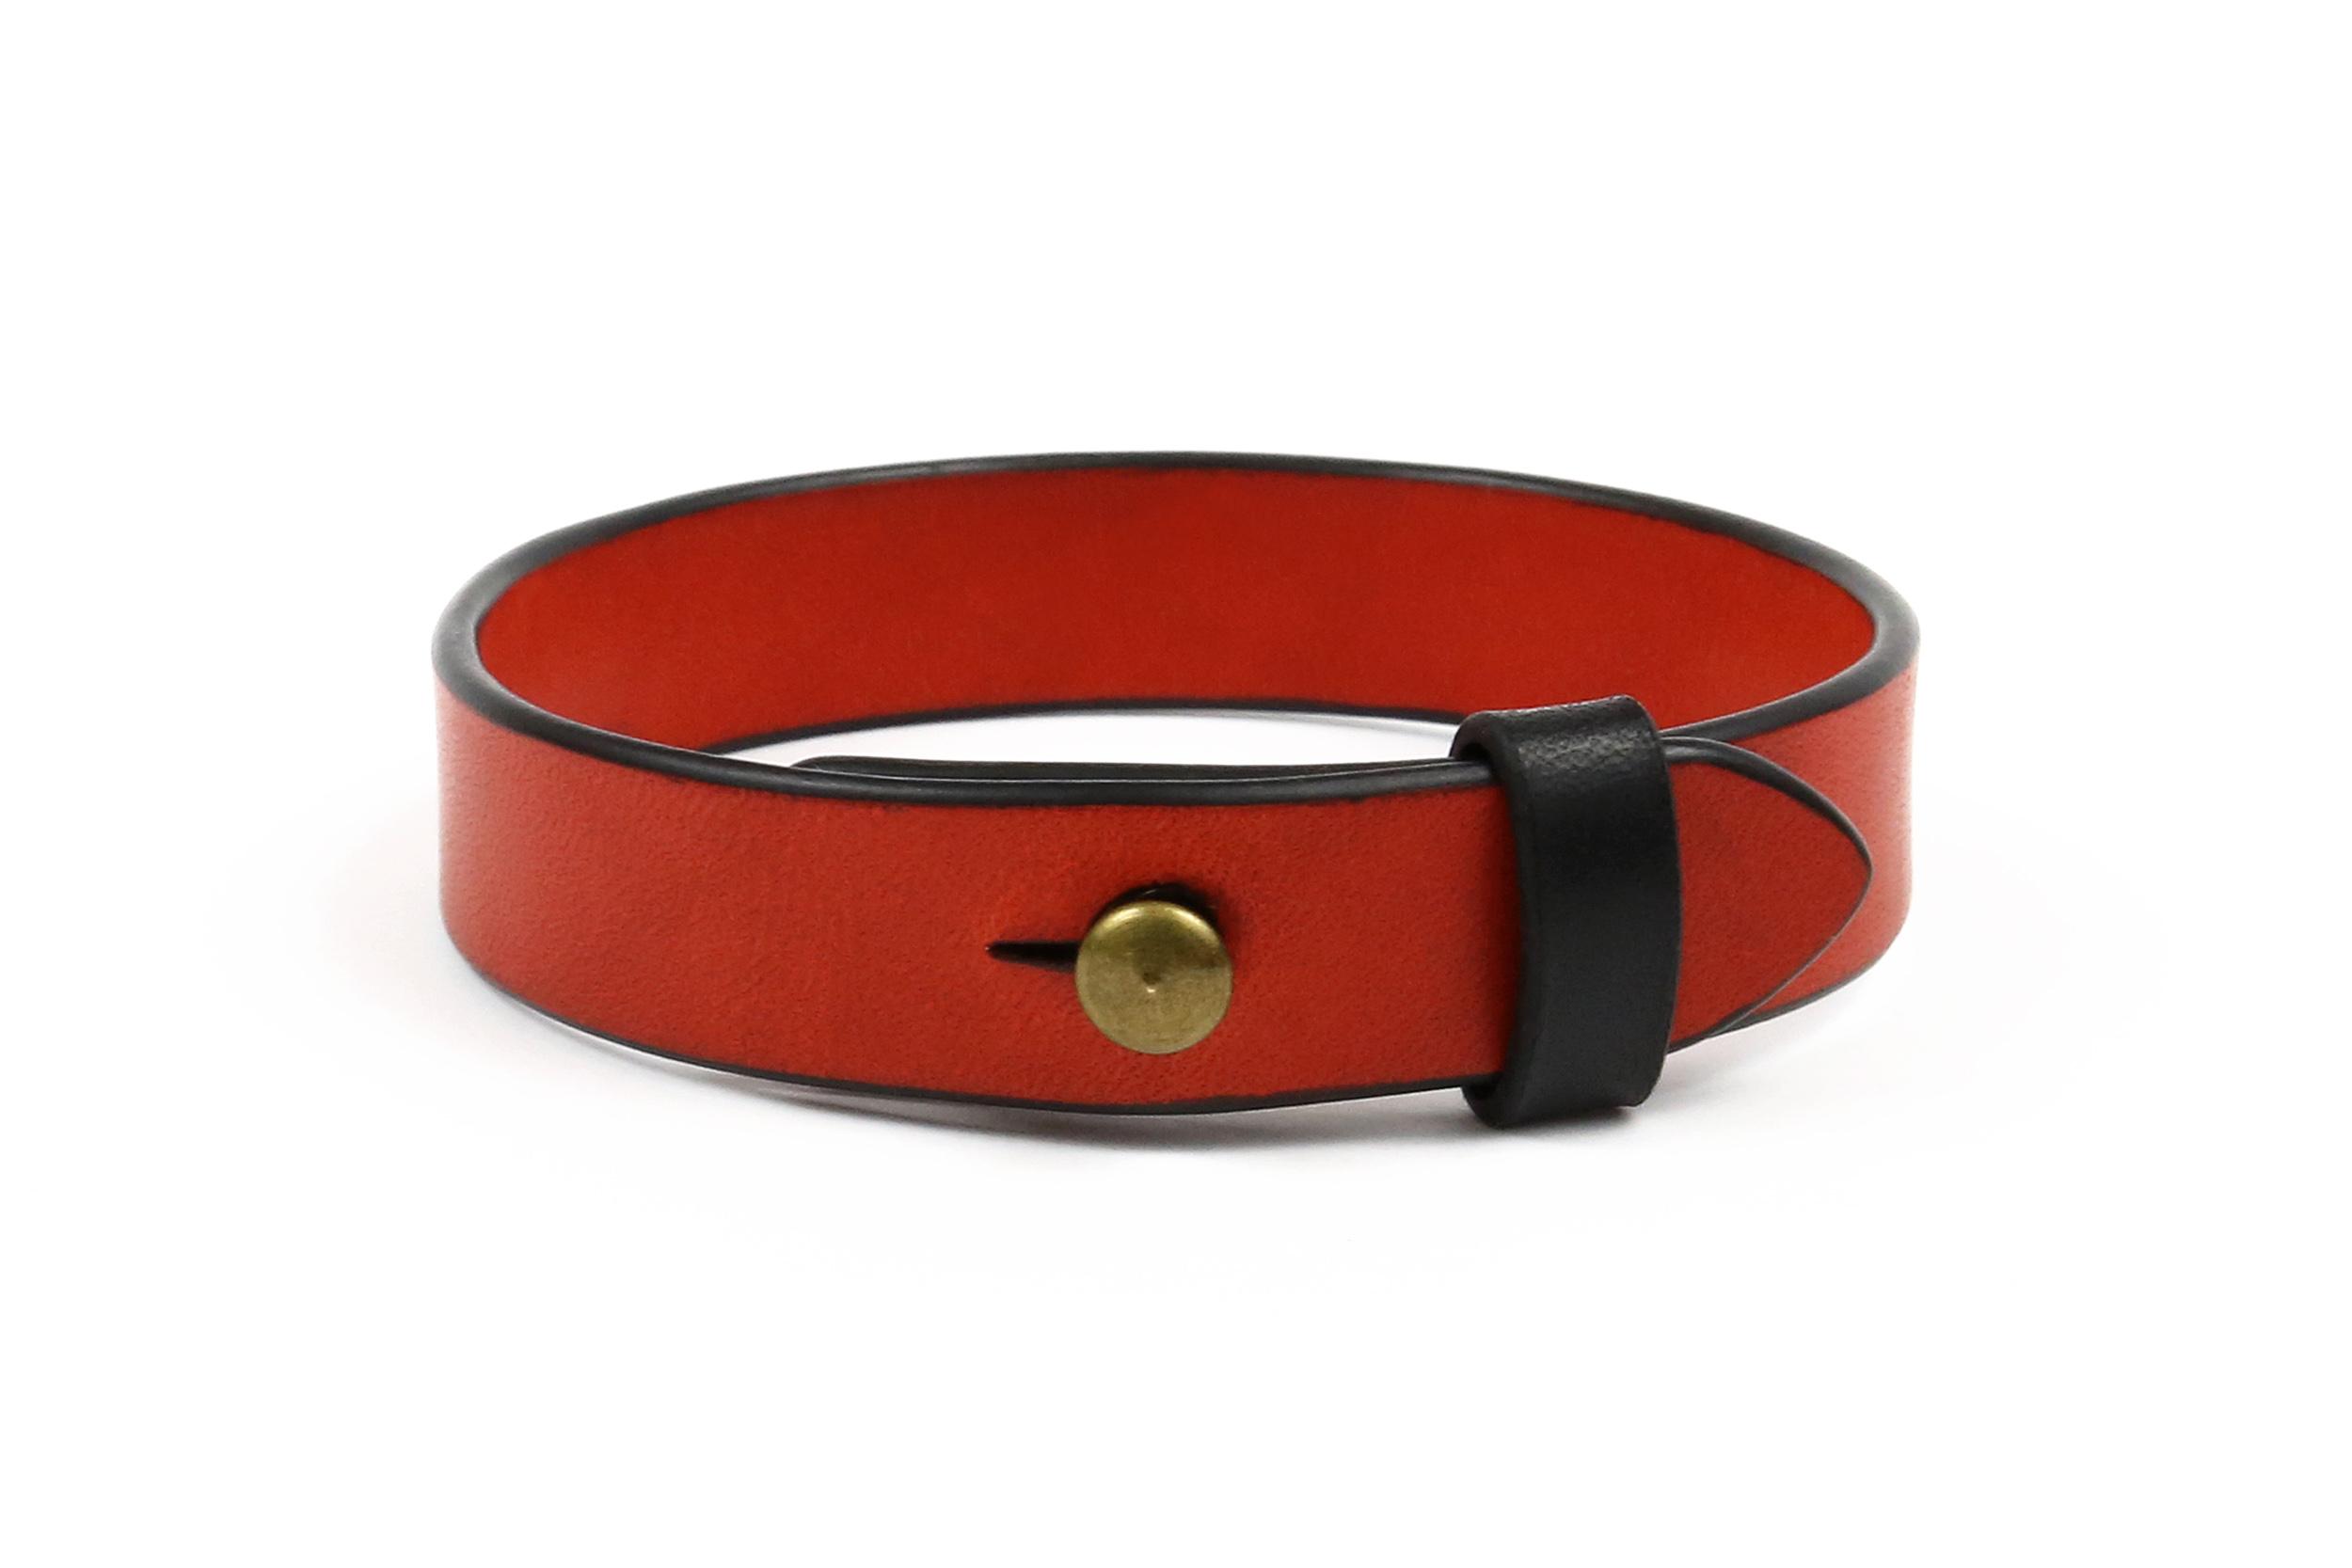 Raudona odinė apyrankė su individualiu graviravimu 1,5 cm